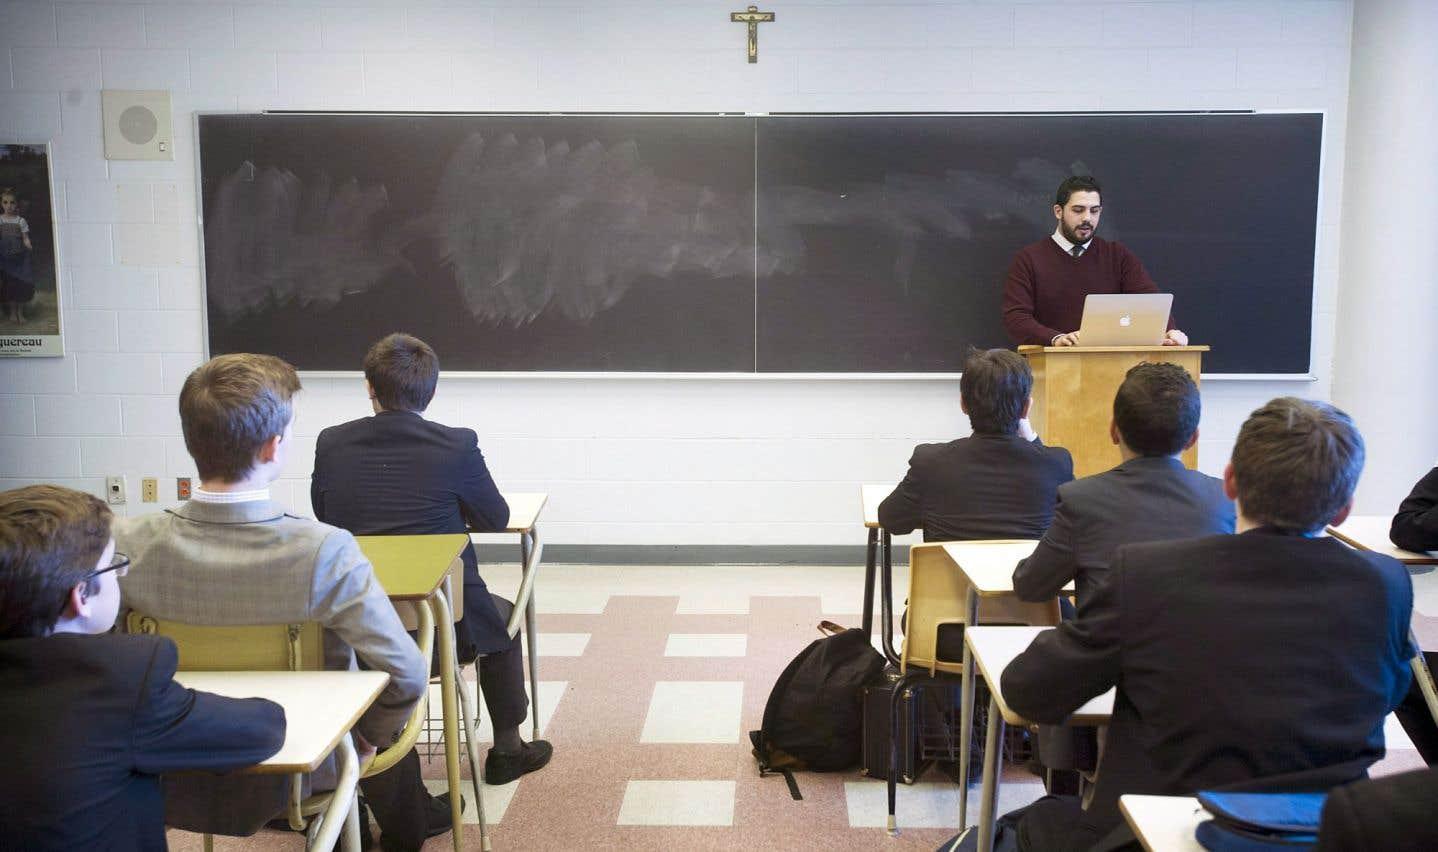 Le cours d'éthique et de culture religieuse peut être catholique